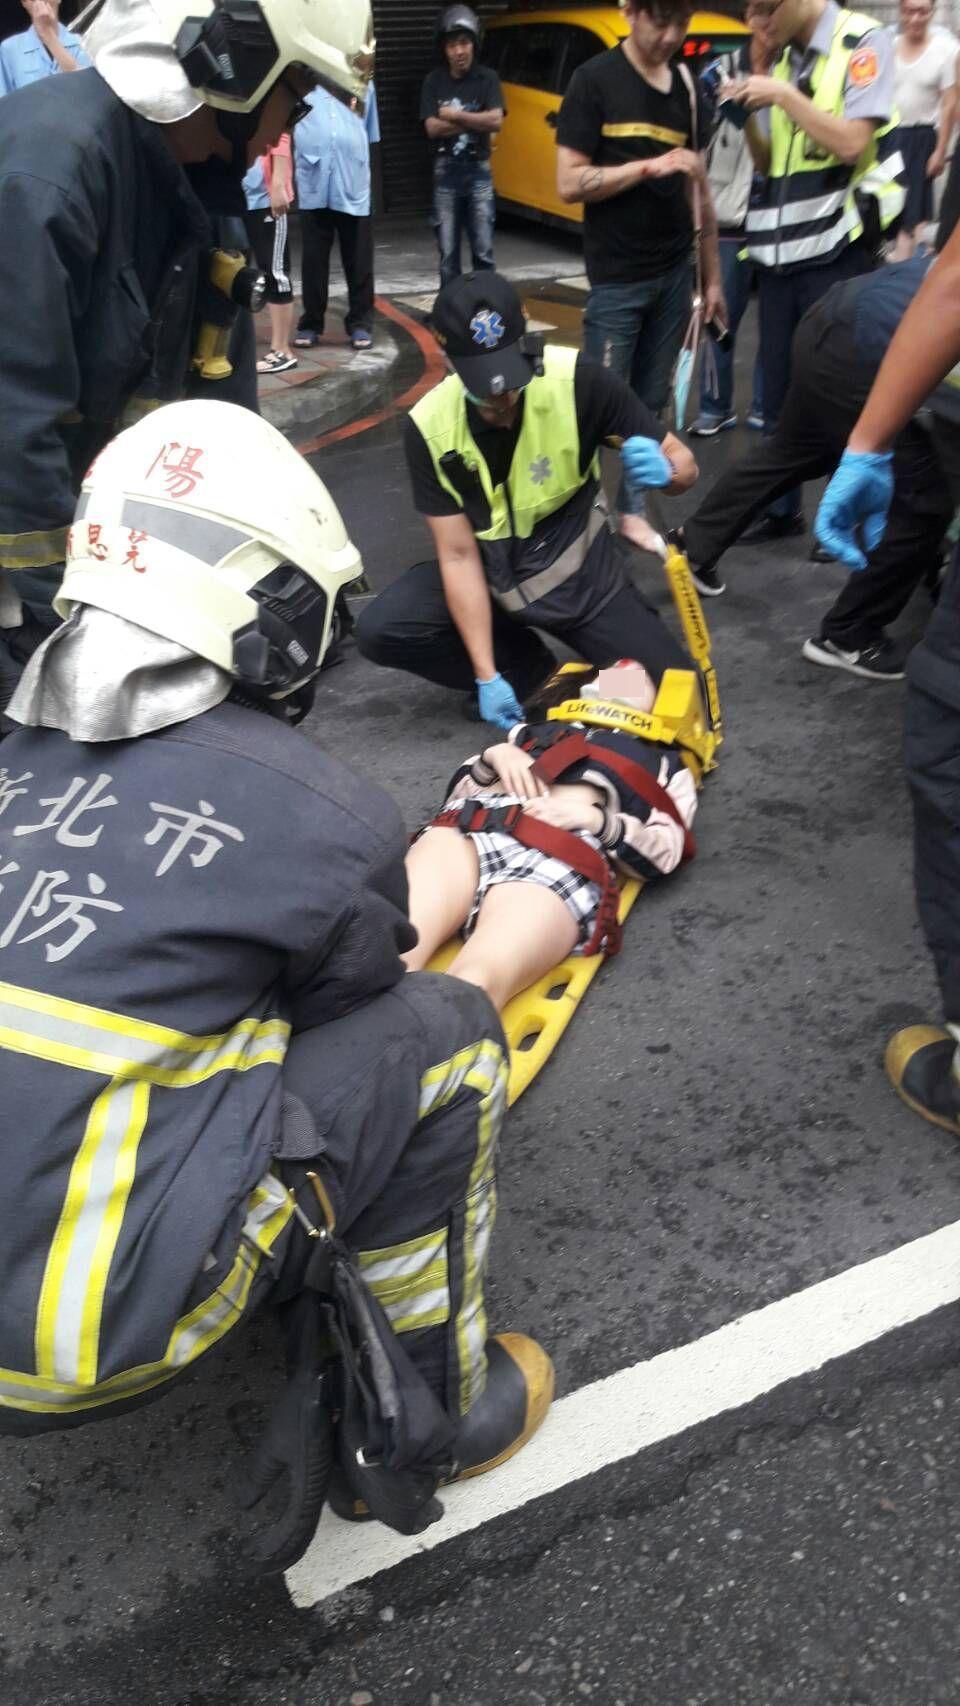 23歲機車女性乘客受傷送醫。記者林昭彰/翻攝